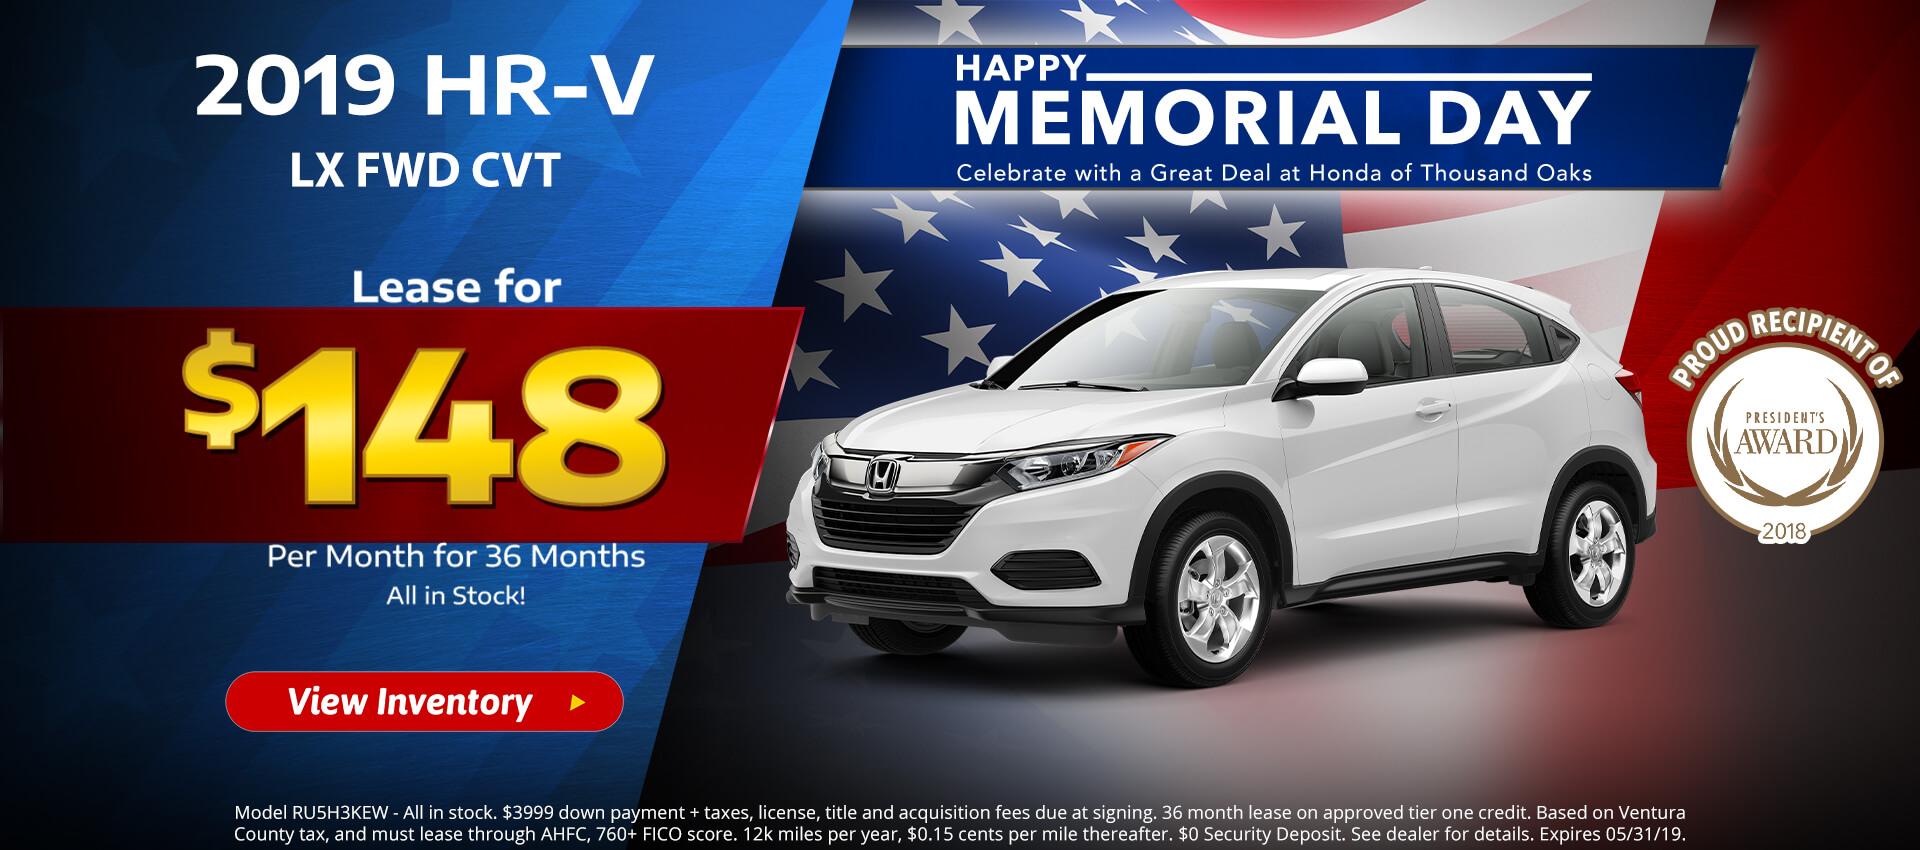 Honda HRV $148 Lease